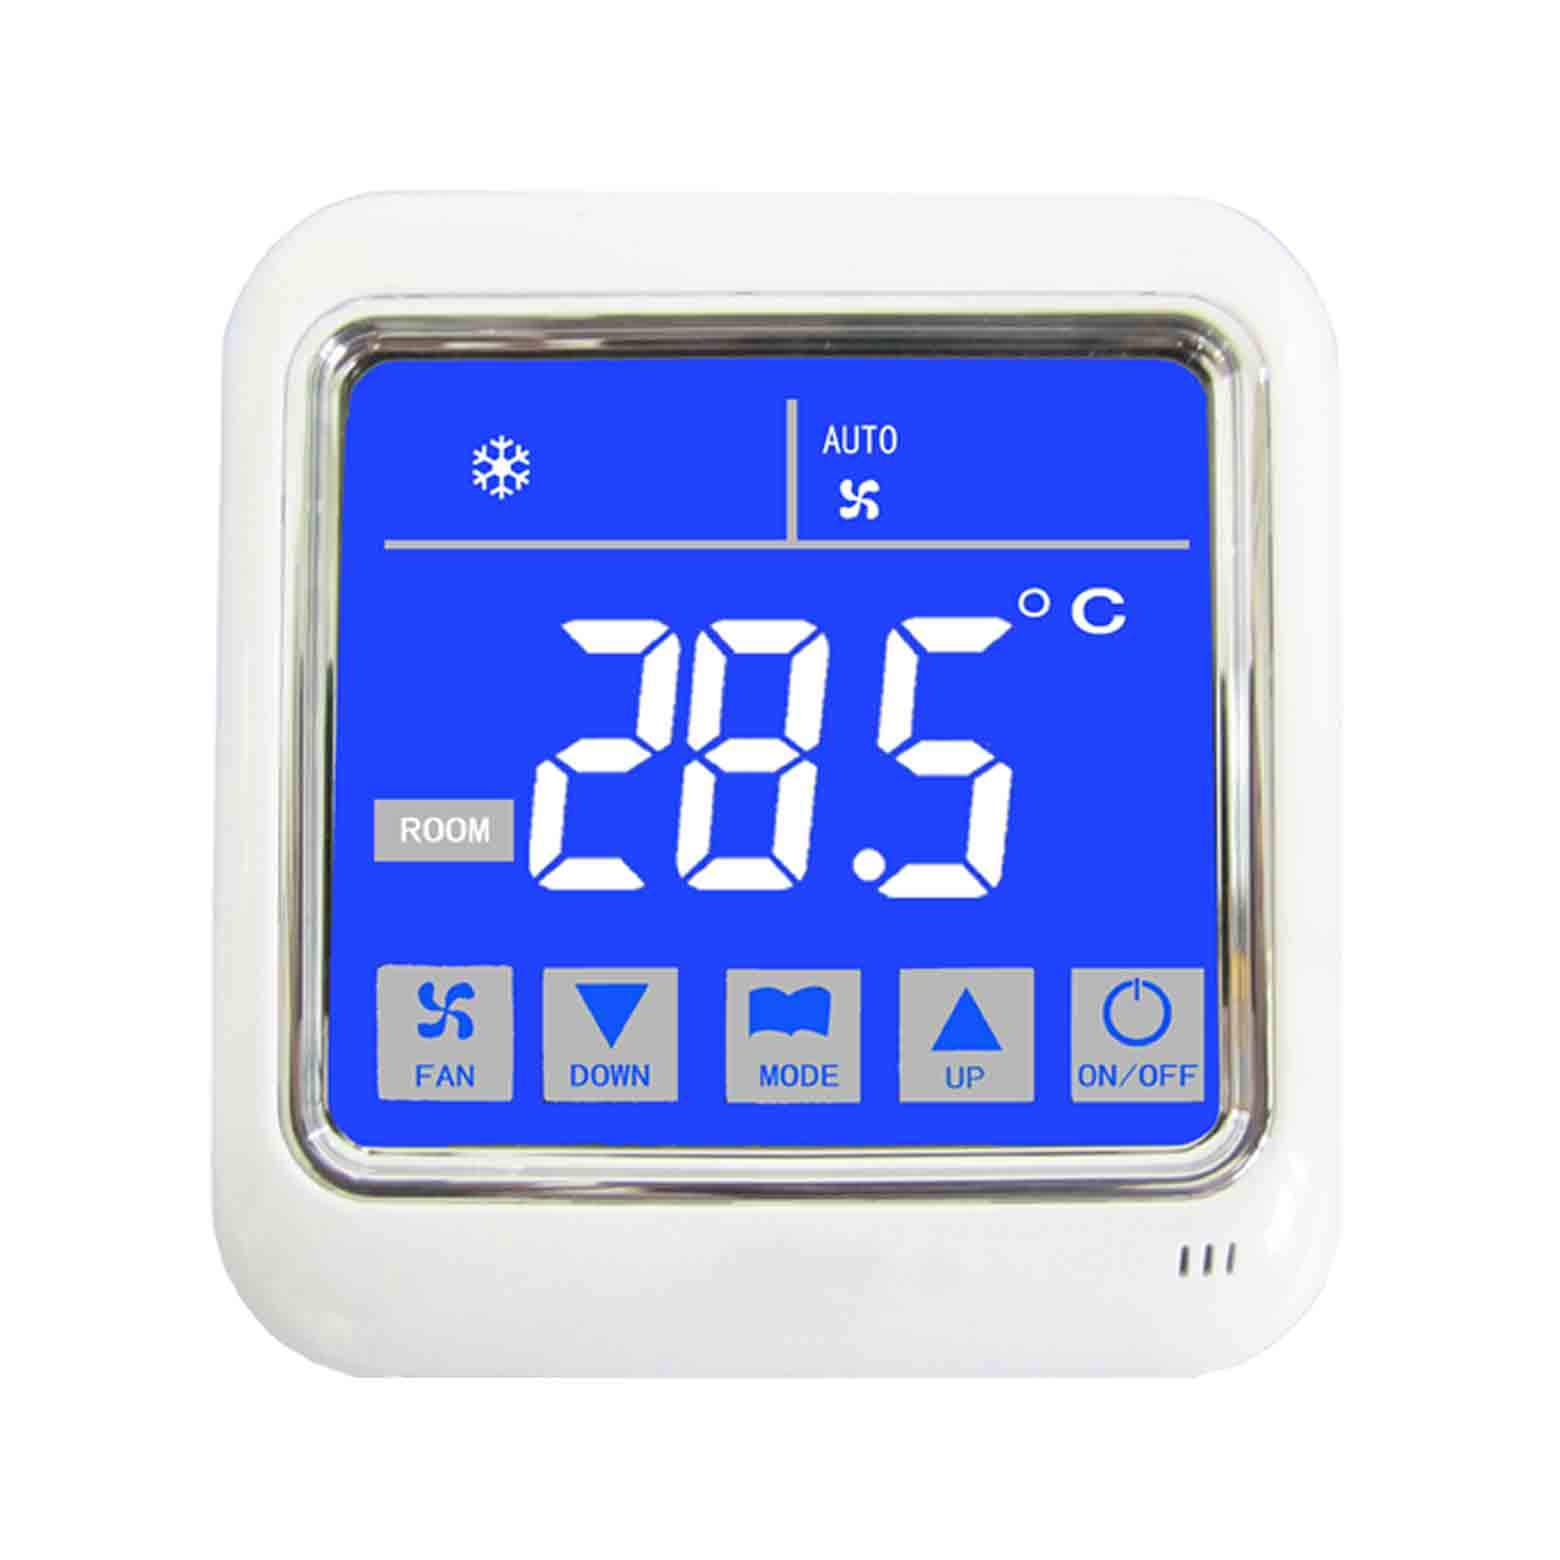 A8中央空調房間溫控器,可選帶RS485網絡通訊功能(A8L)